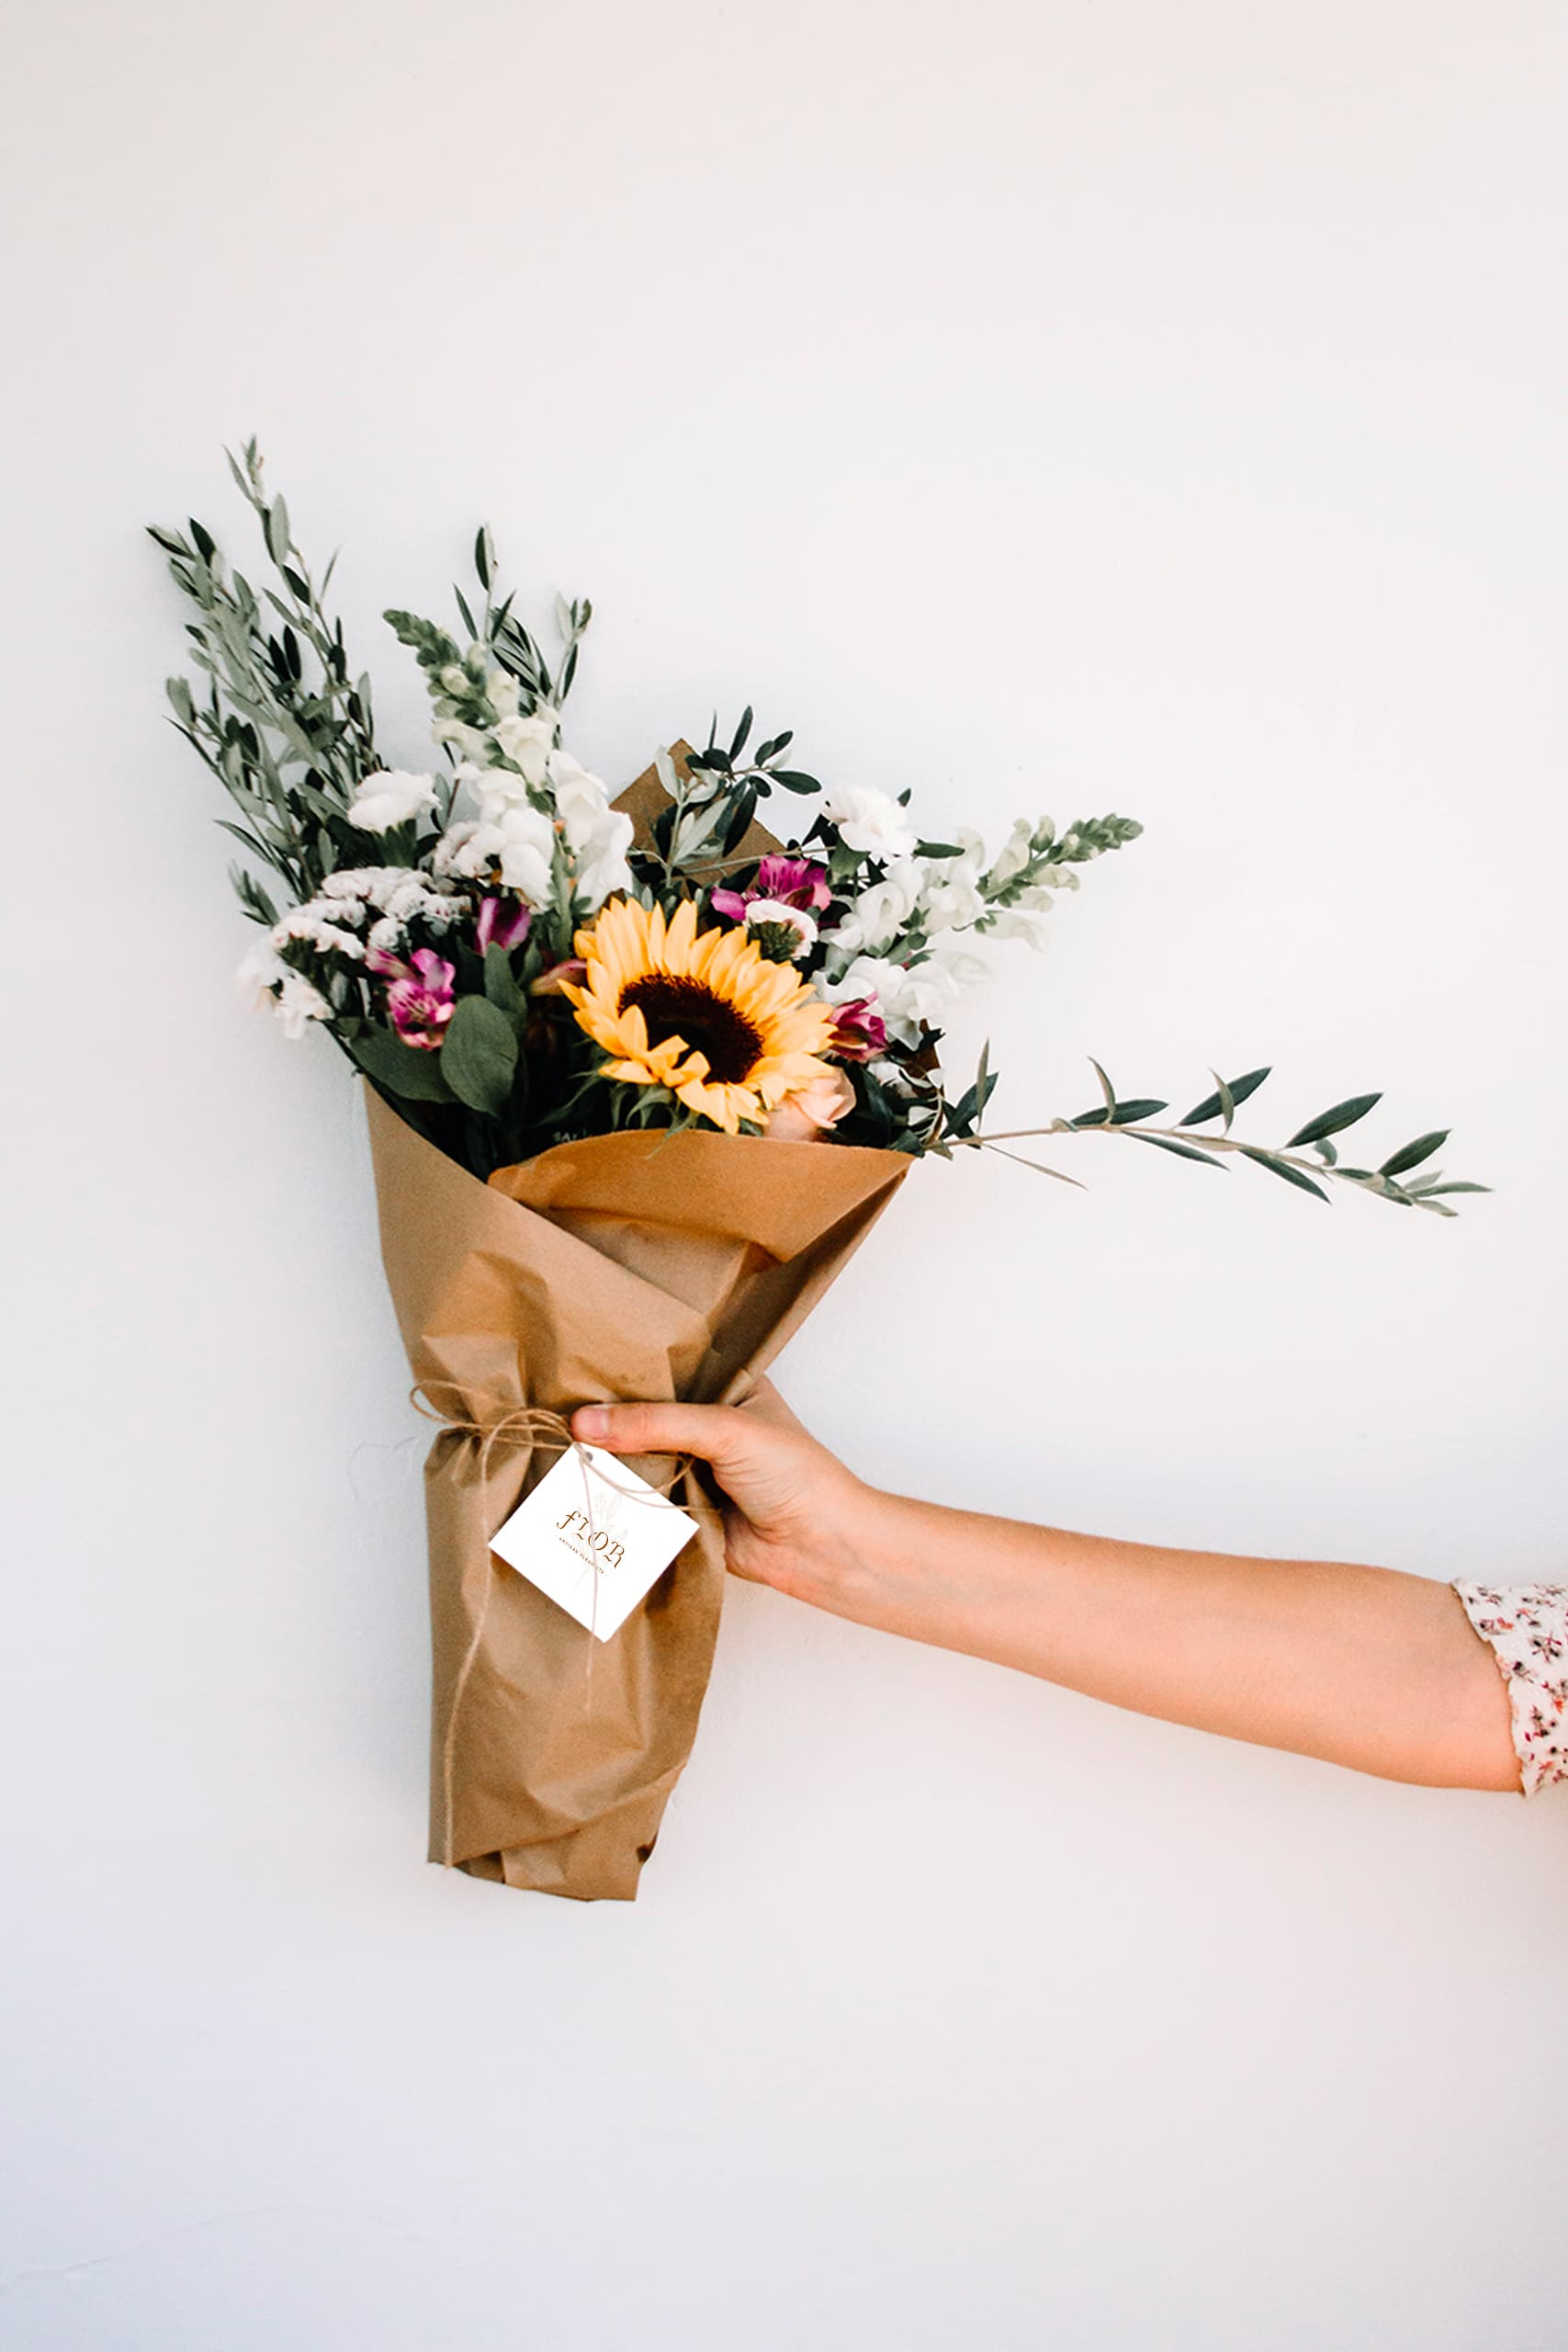 bouquet de fleur tenu par une personne où l'on voi son bras sur la droite. On voit une étiquette avec le logo du fleuriste flor